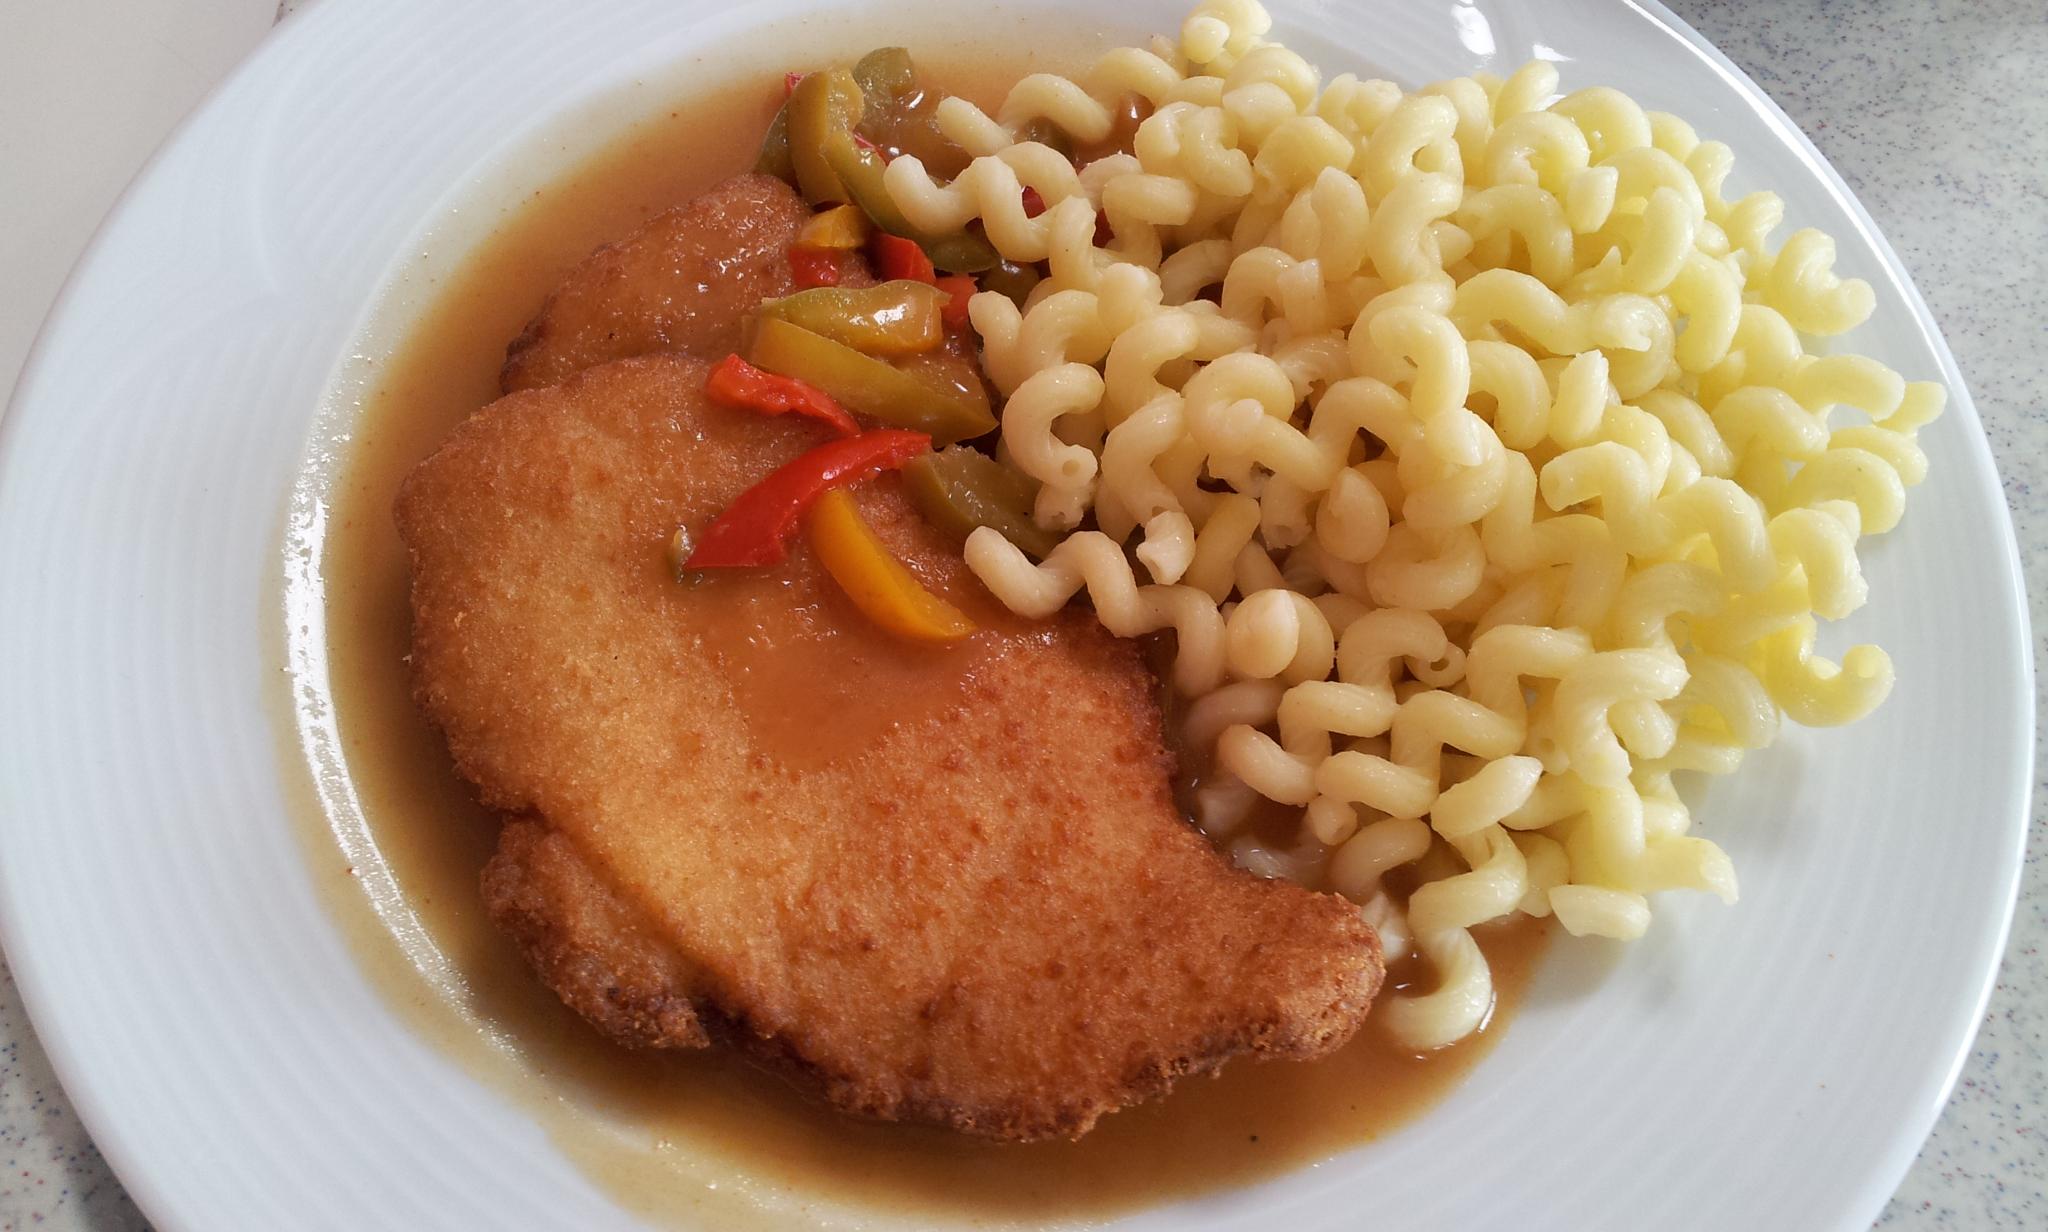 https://foodloader.net/Holz_2013-08-20_Haehnchenschnitzel_mit_Nudeln.jpg